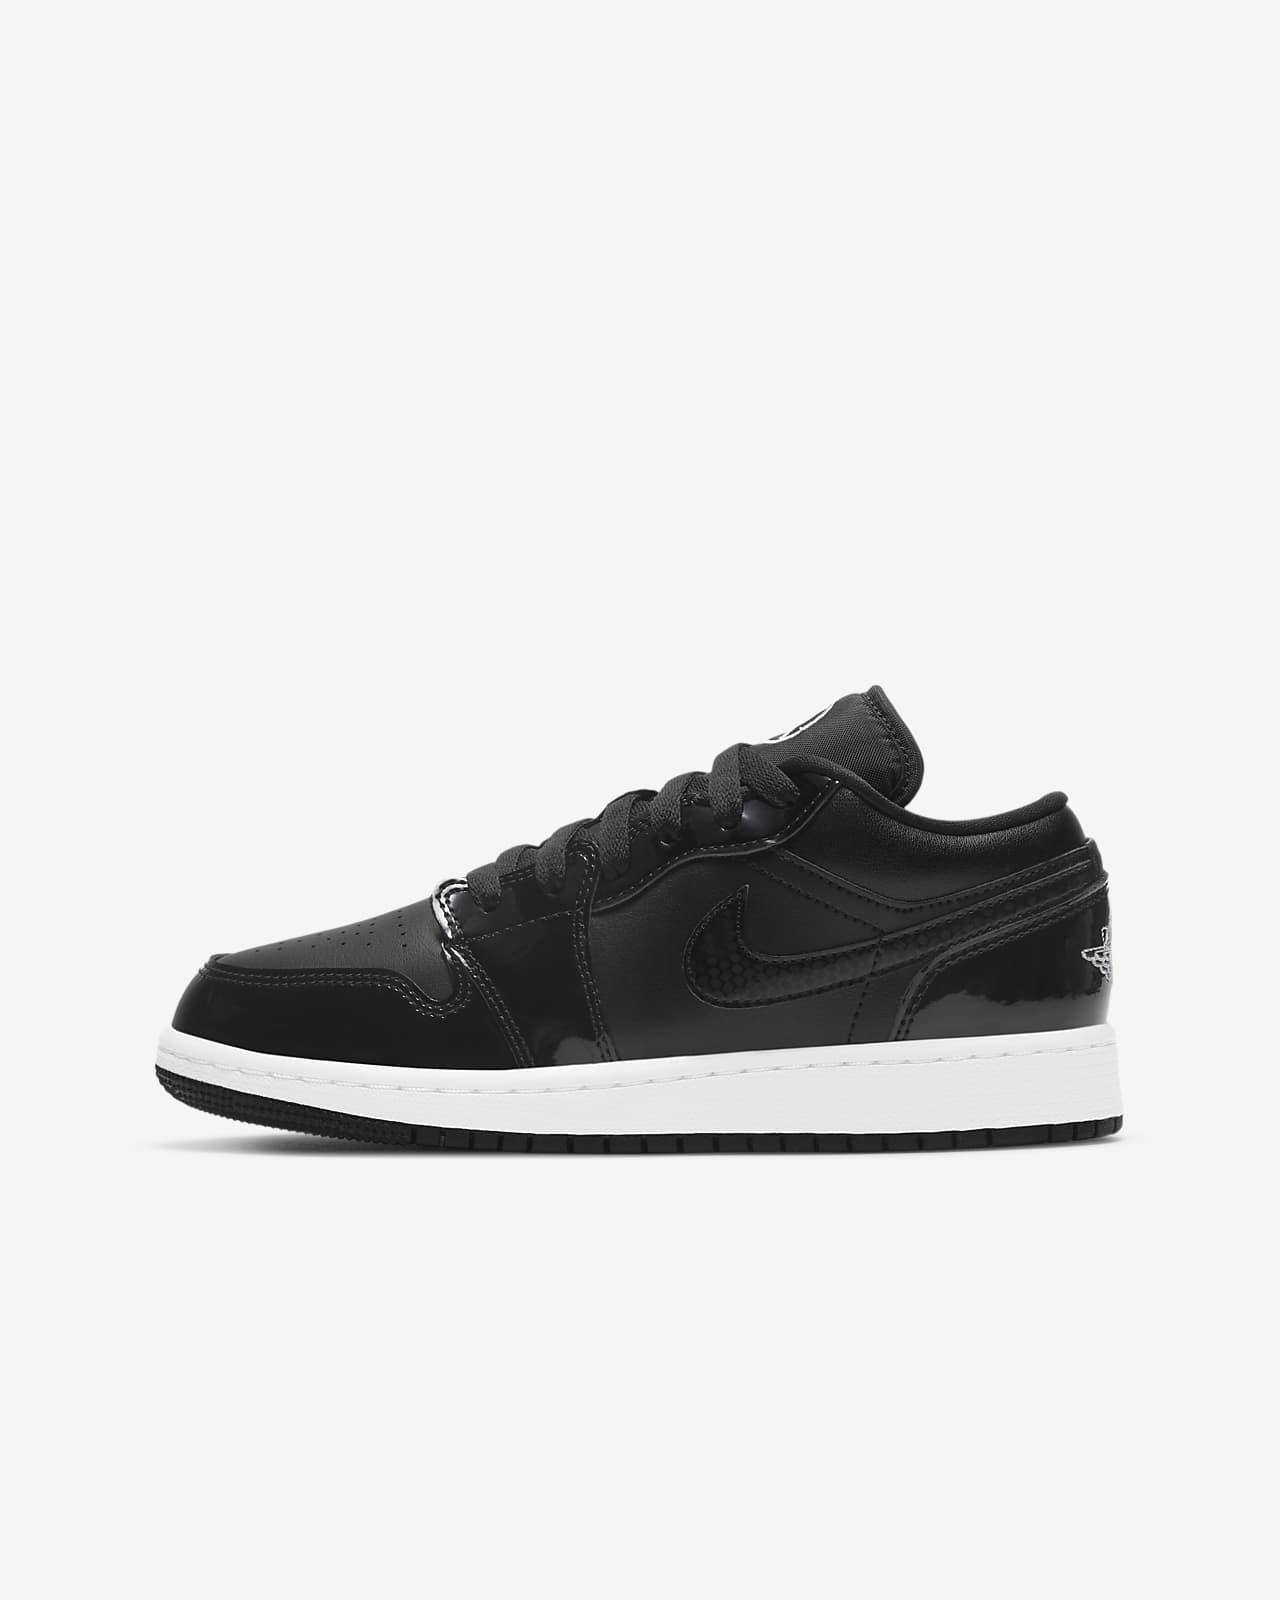 รองเท้าเด็กโต Air Jordan 1 Low SE